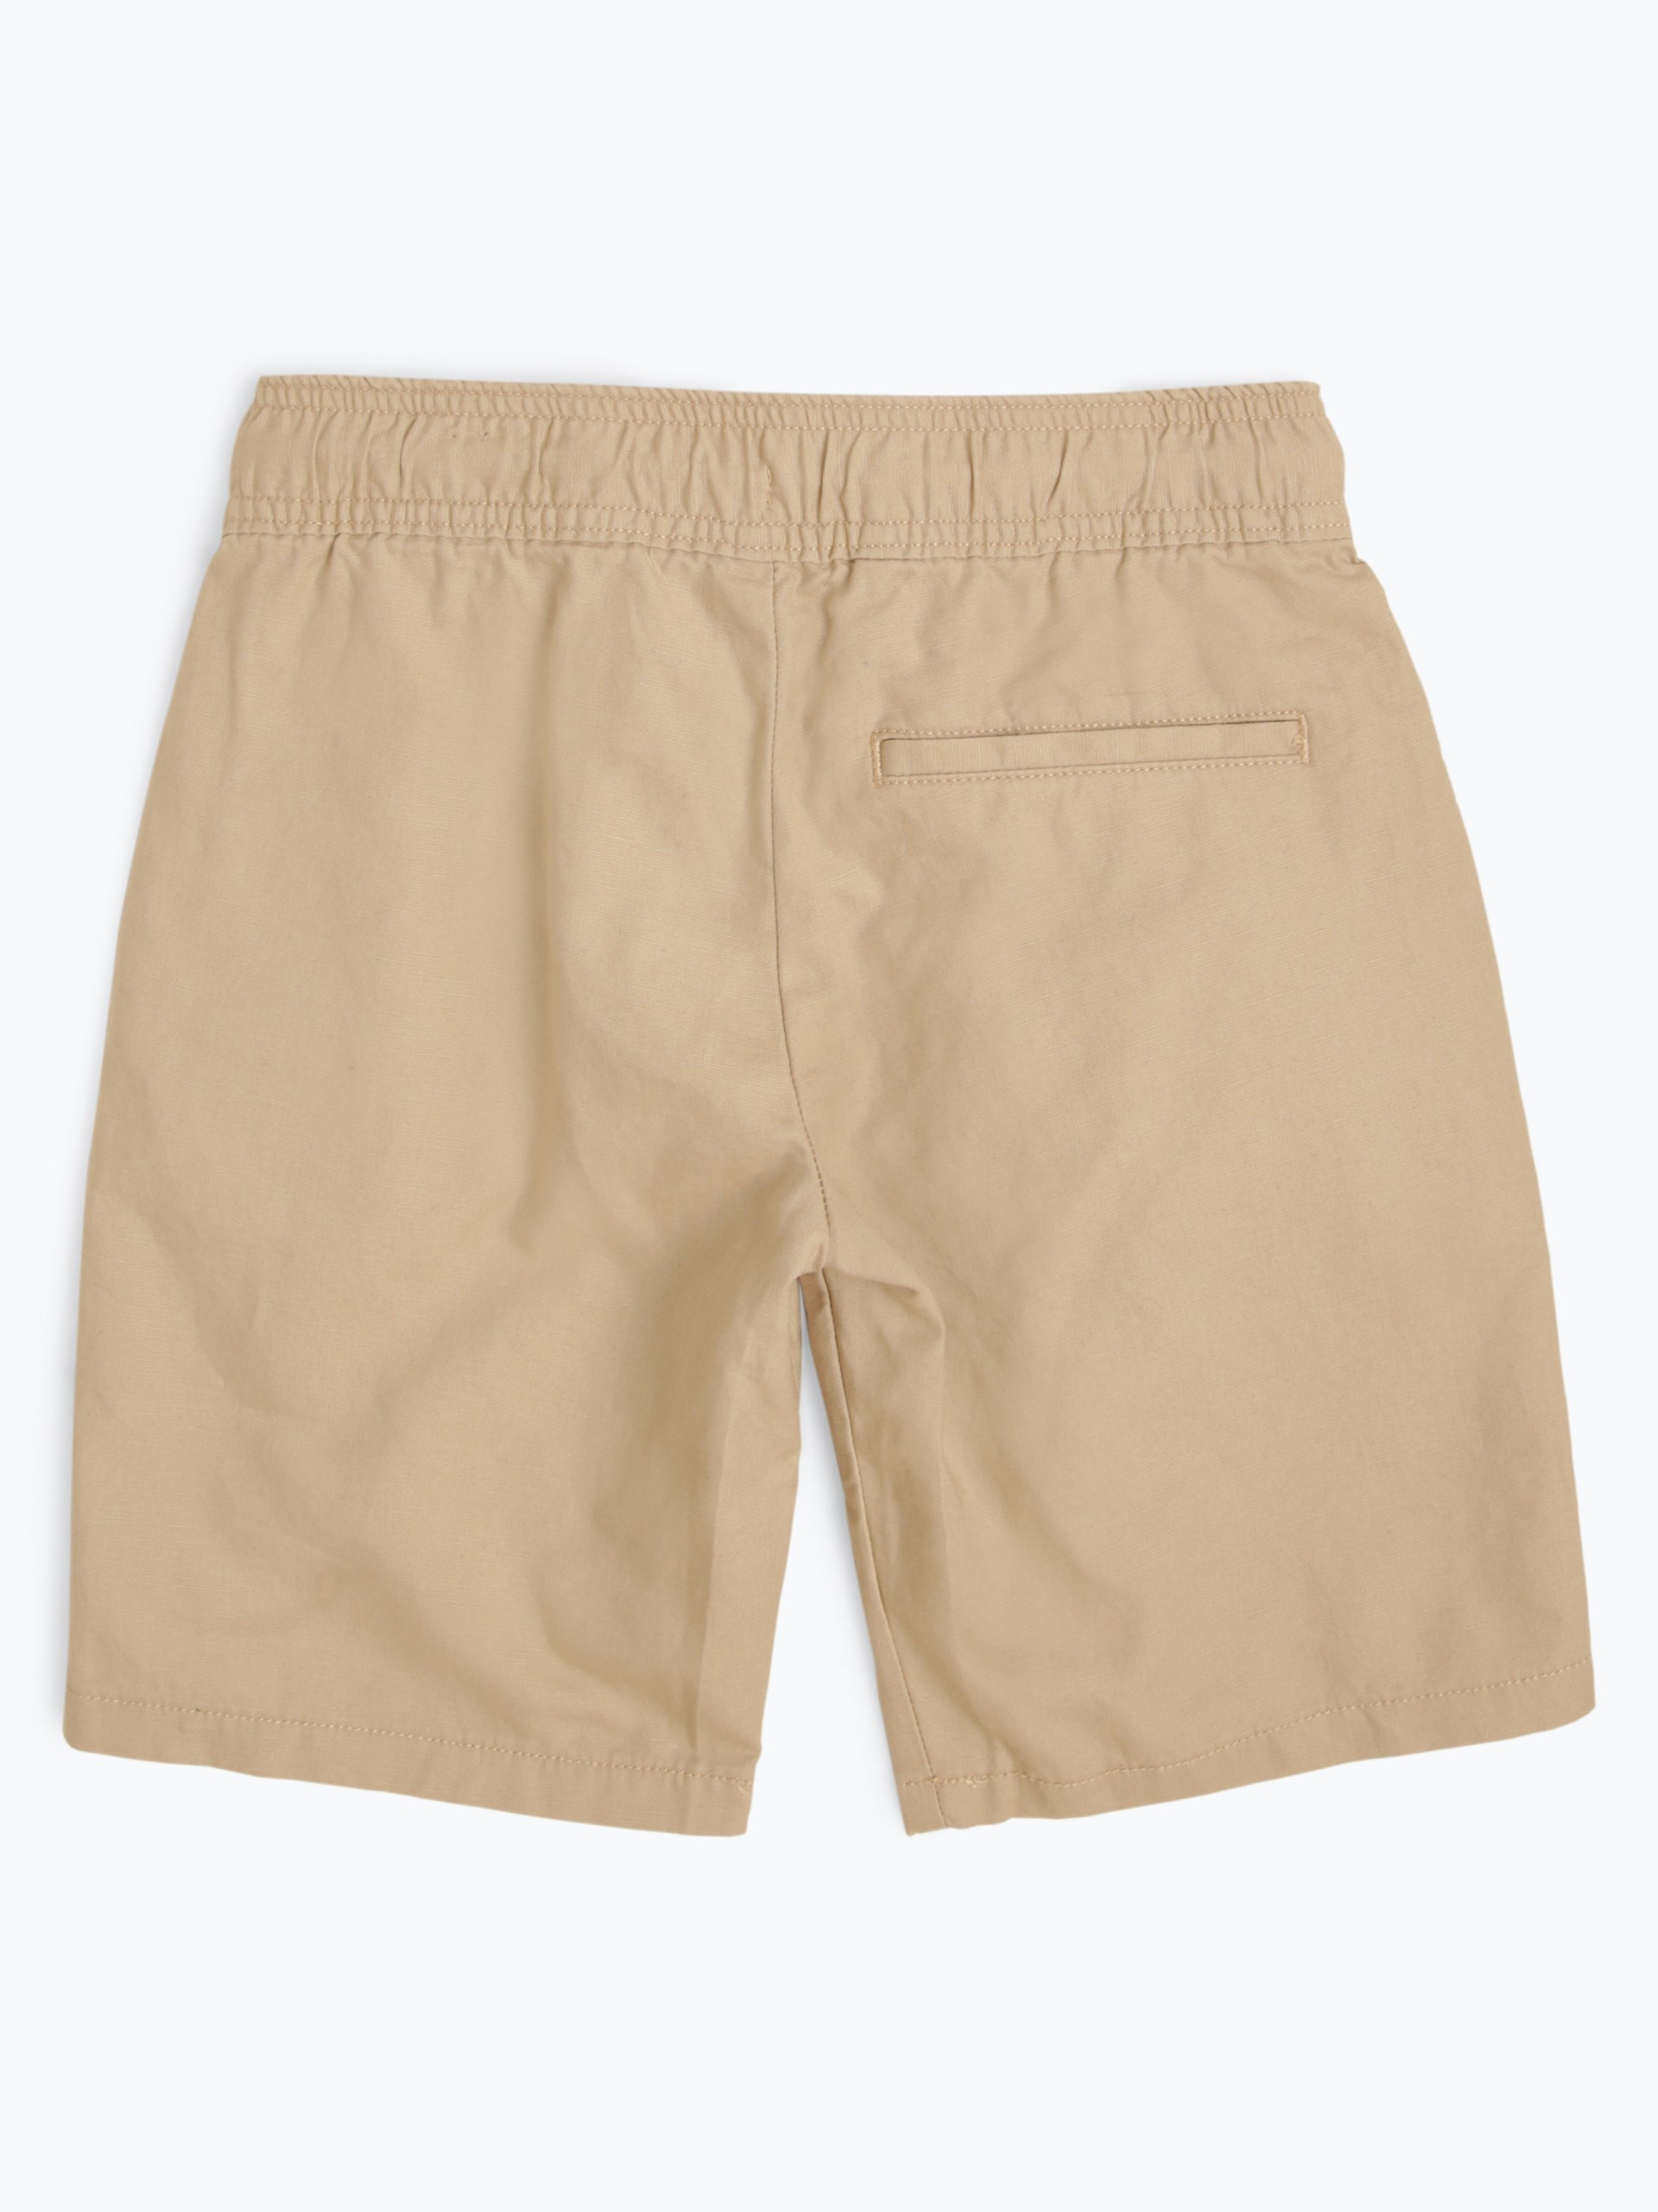 Tommy Hilfiger Jungen Shorts mit Leinen-Anteil